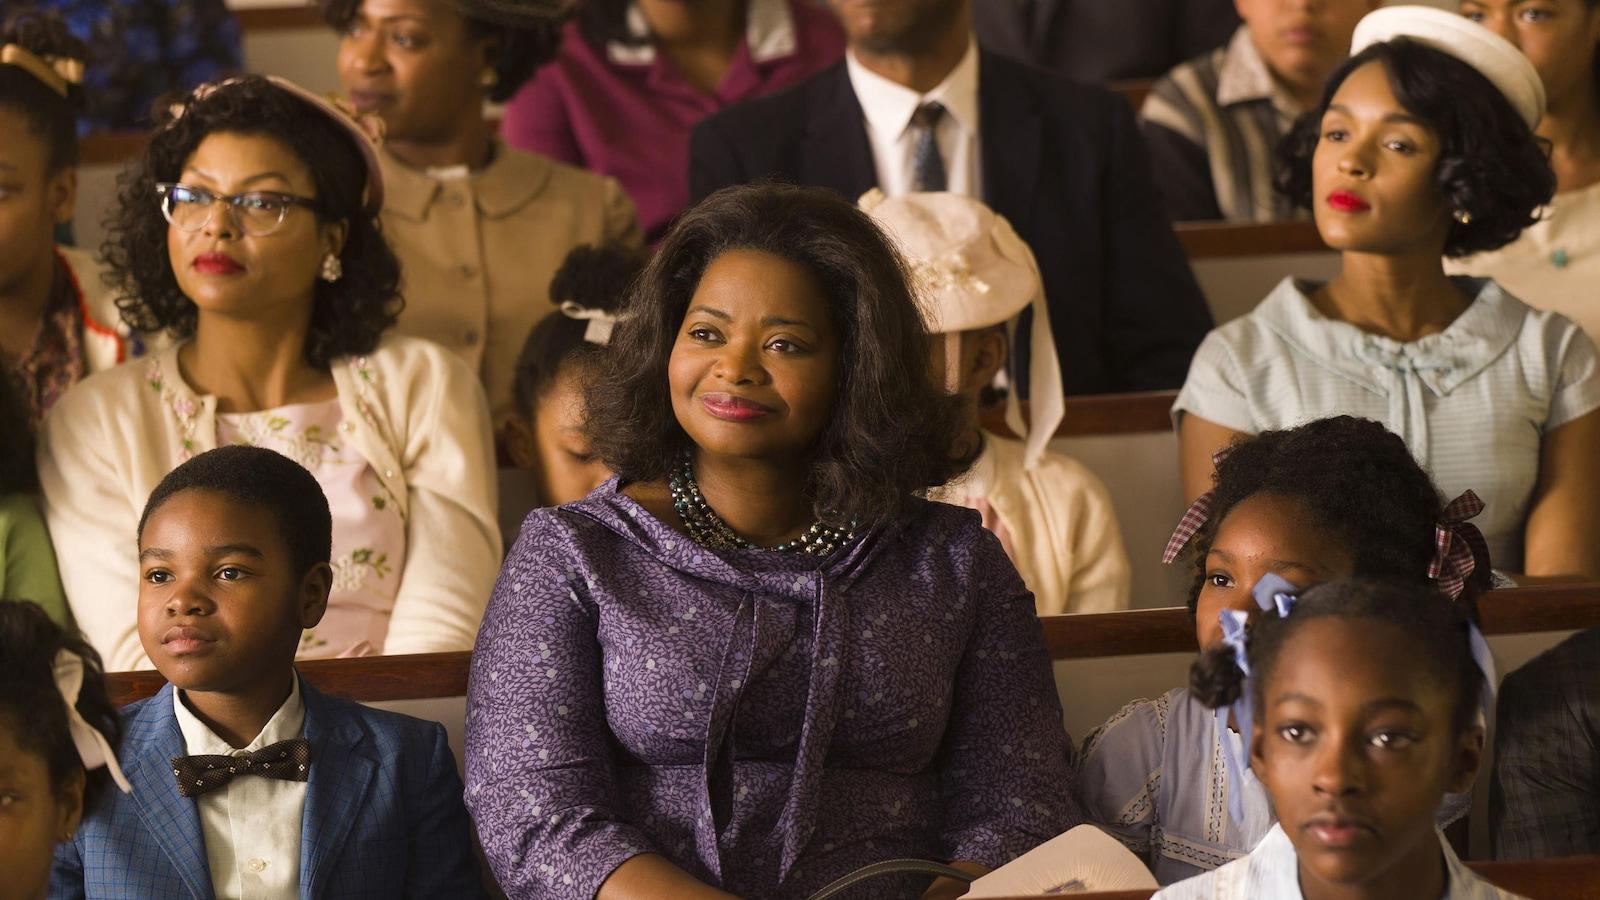 Une femme (Octavia Spencer) assise sur un banc d'église, entourée de femmes et d'enfants.